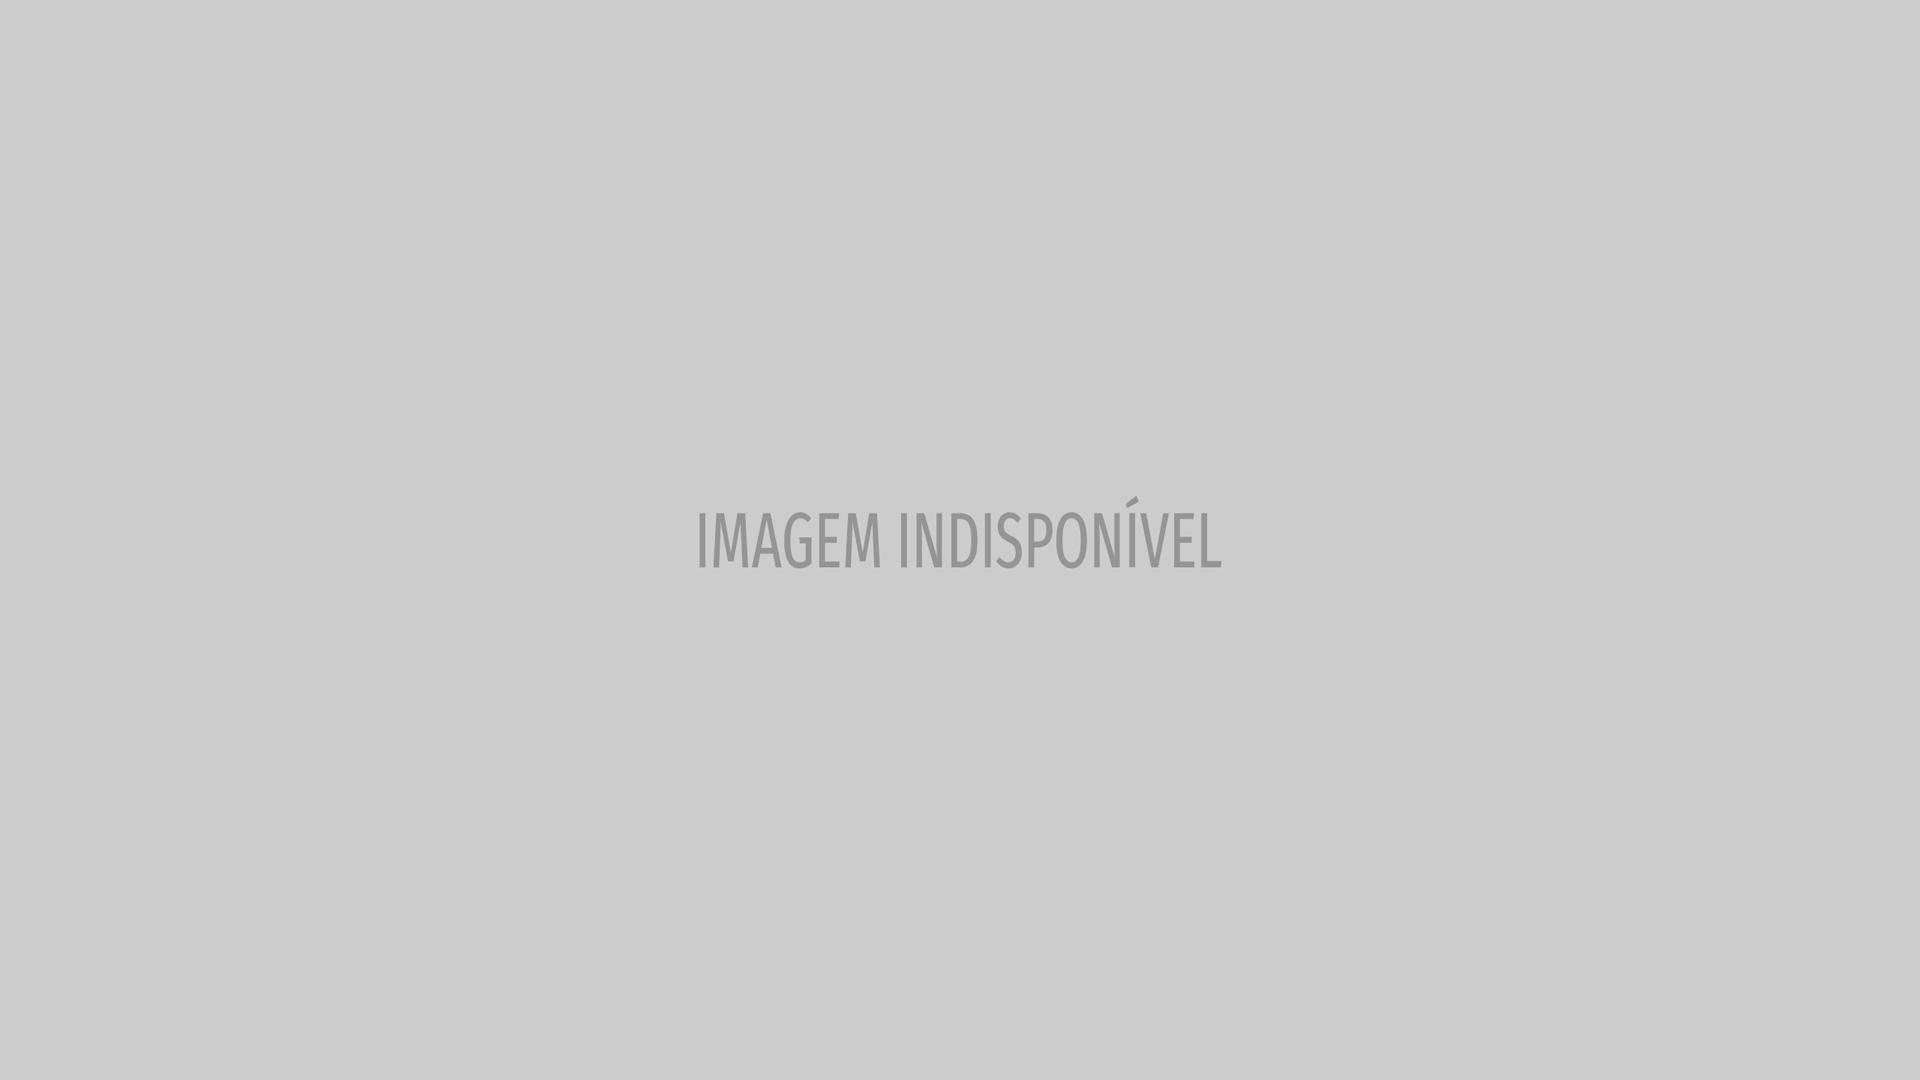 Pepê, da dupla com Neném, denuncia caso de racismo no Rio